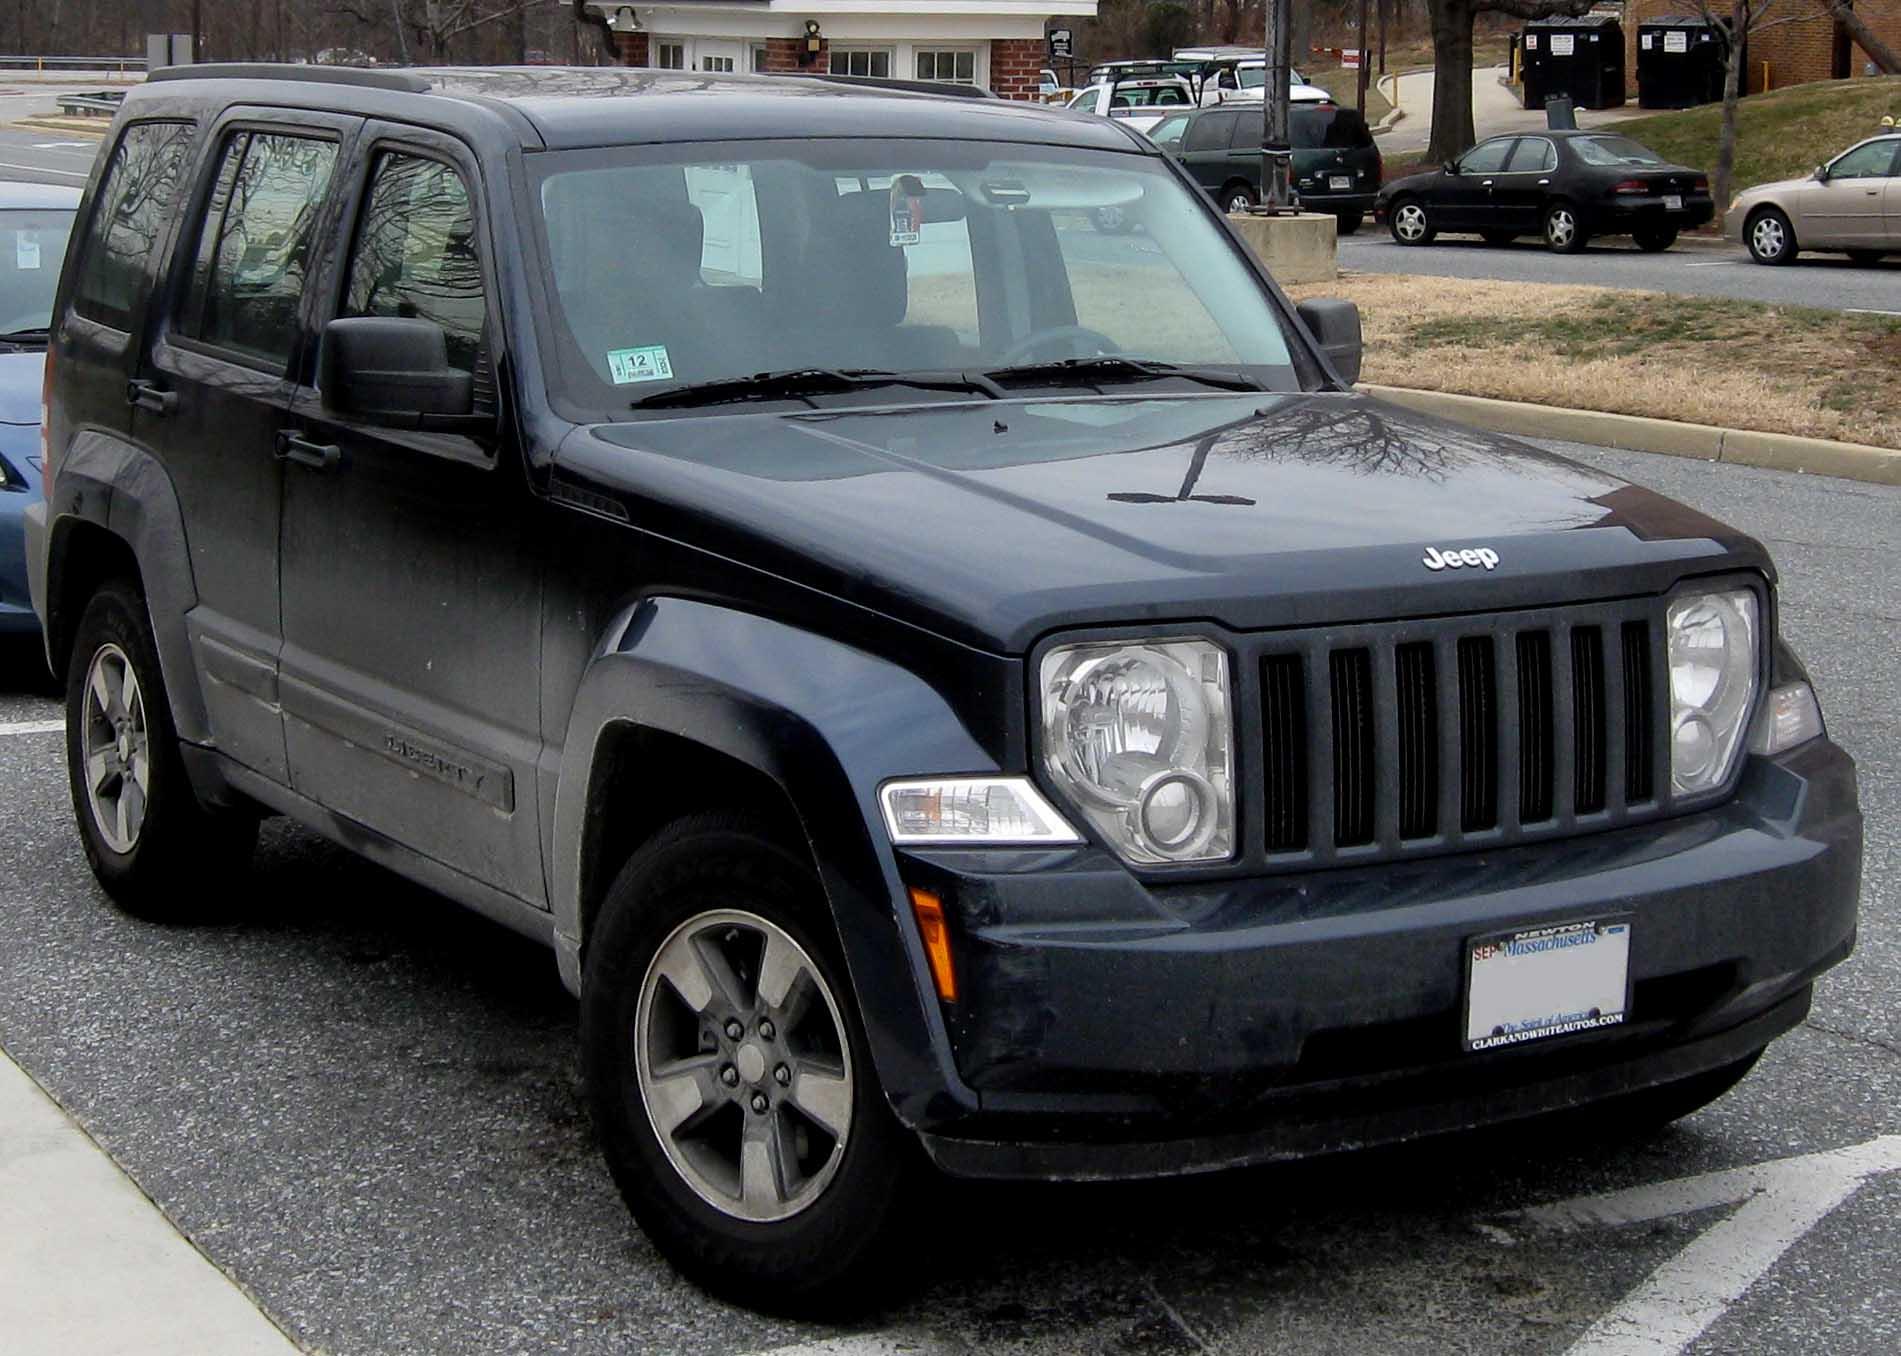 file:2nd-jeep-liberty - wikimedia commons